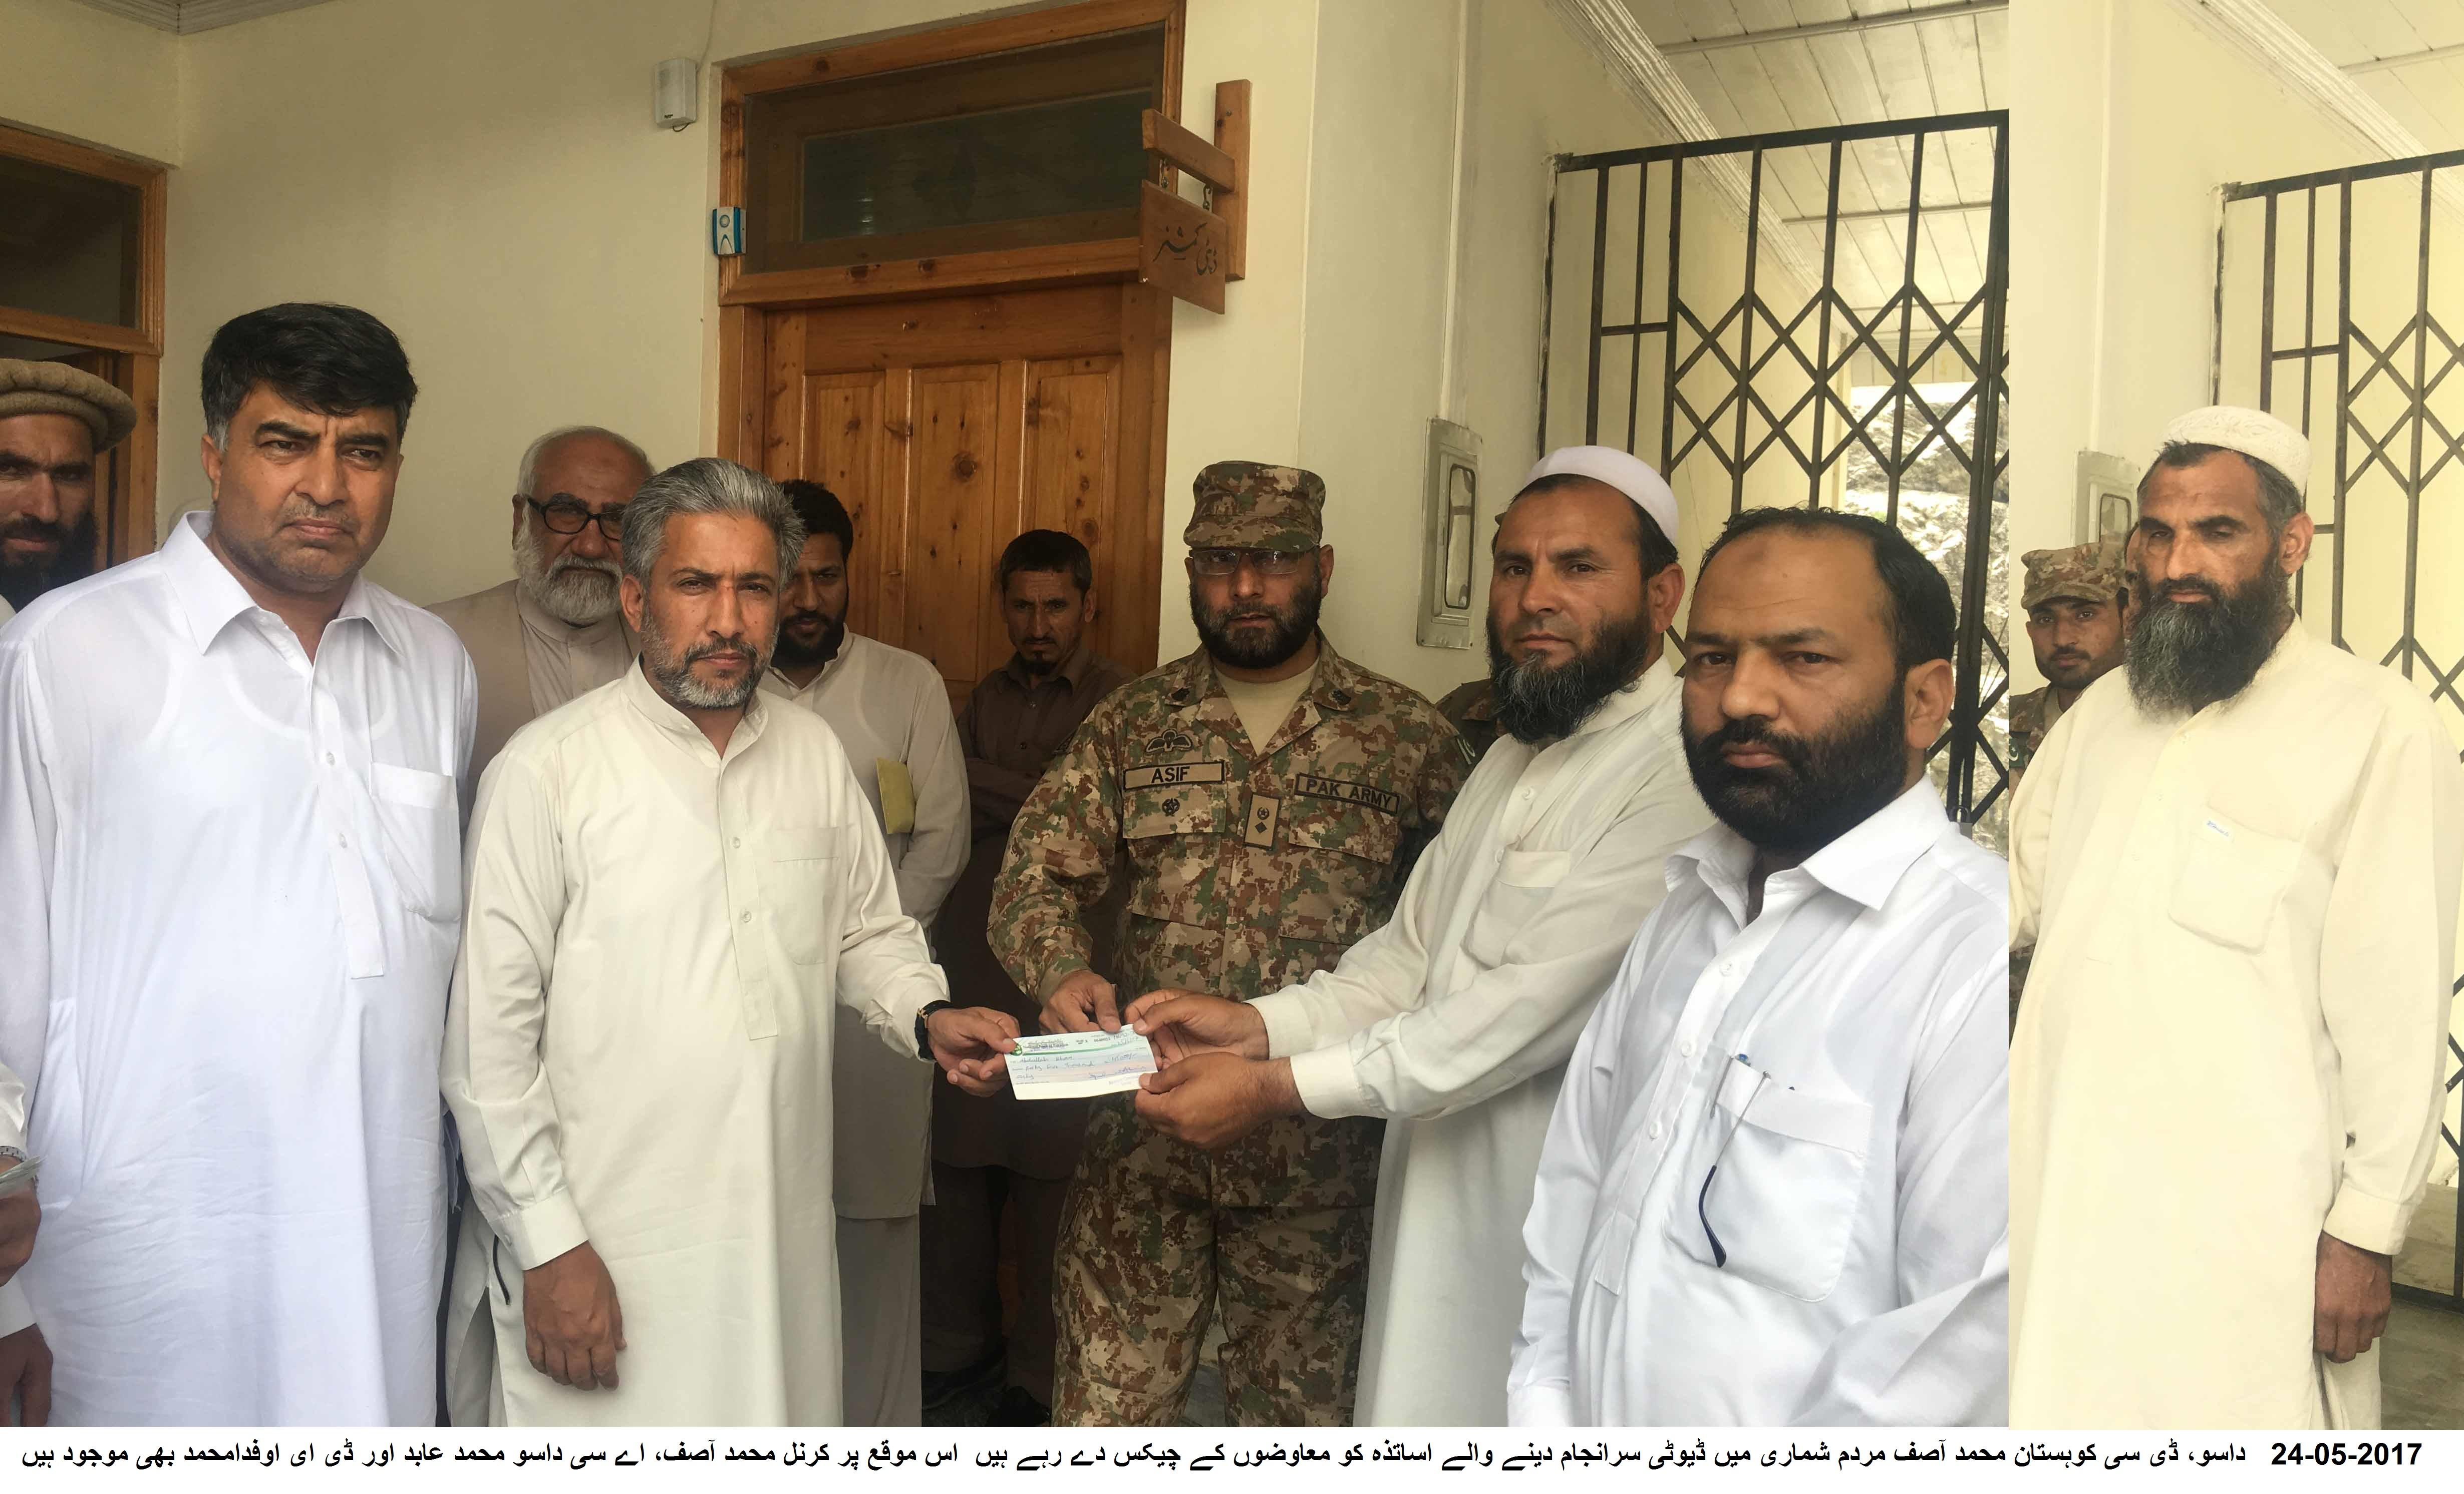 کوہستان میں مردم شماری کے عمل کے اختتام پر تقریب کا اہتمام کیا گیا